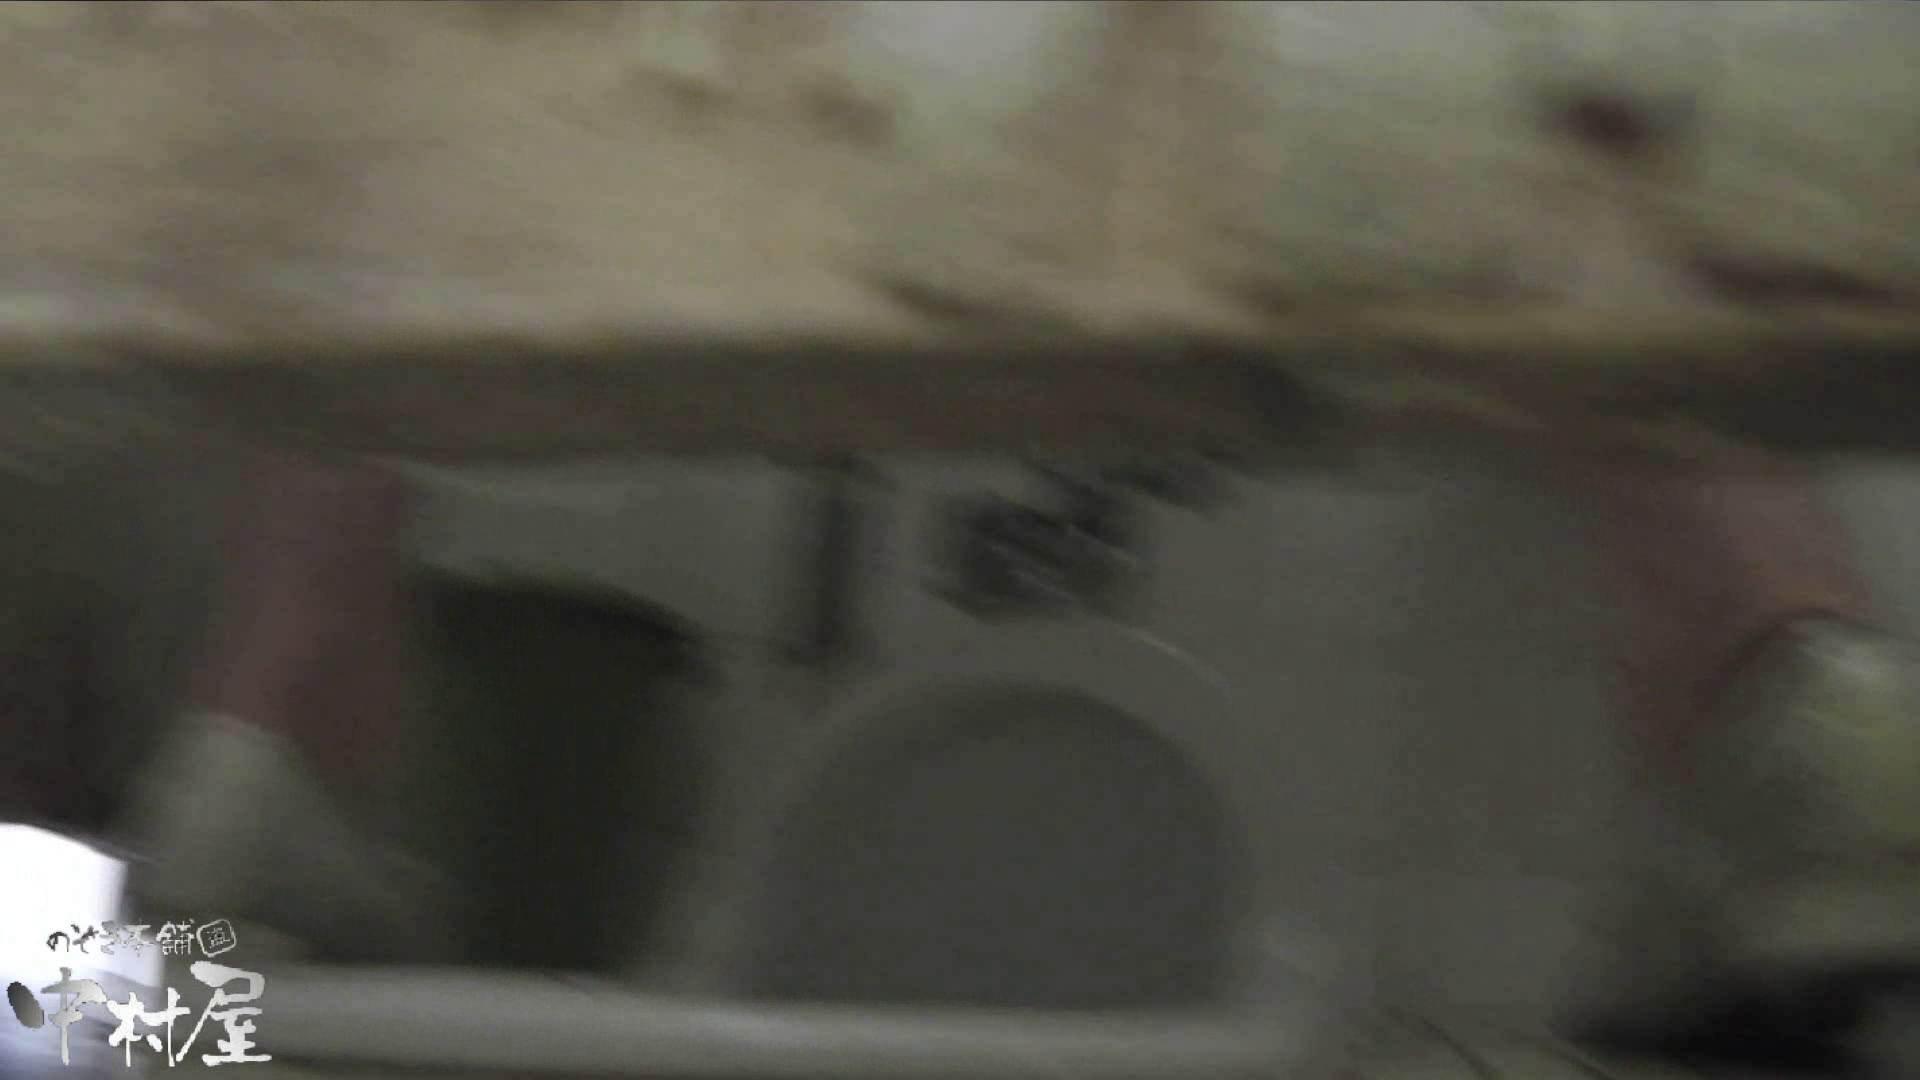 vol.15 命がけ潜伏洗面所! 極太しぼり プライベート 盗撮動画紹介 78連発 31